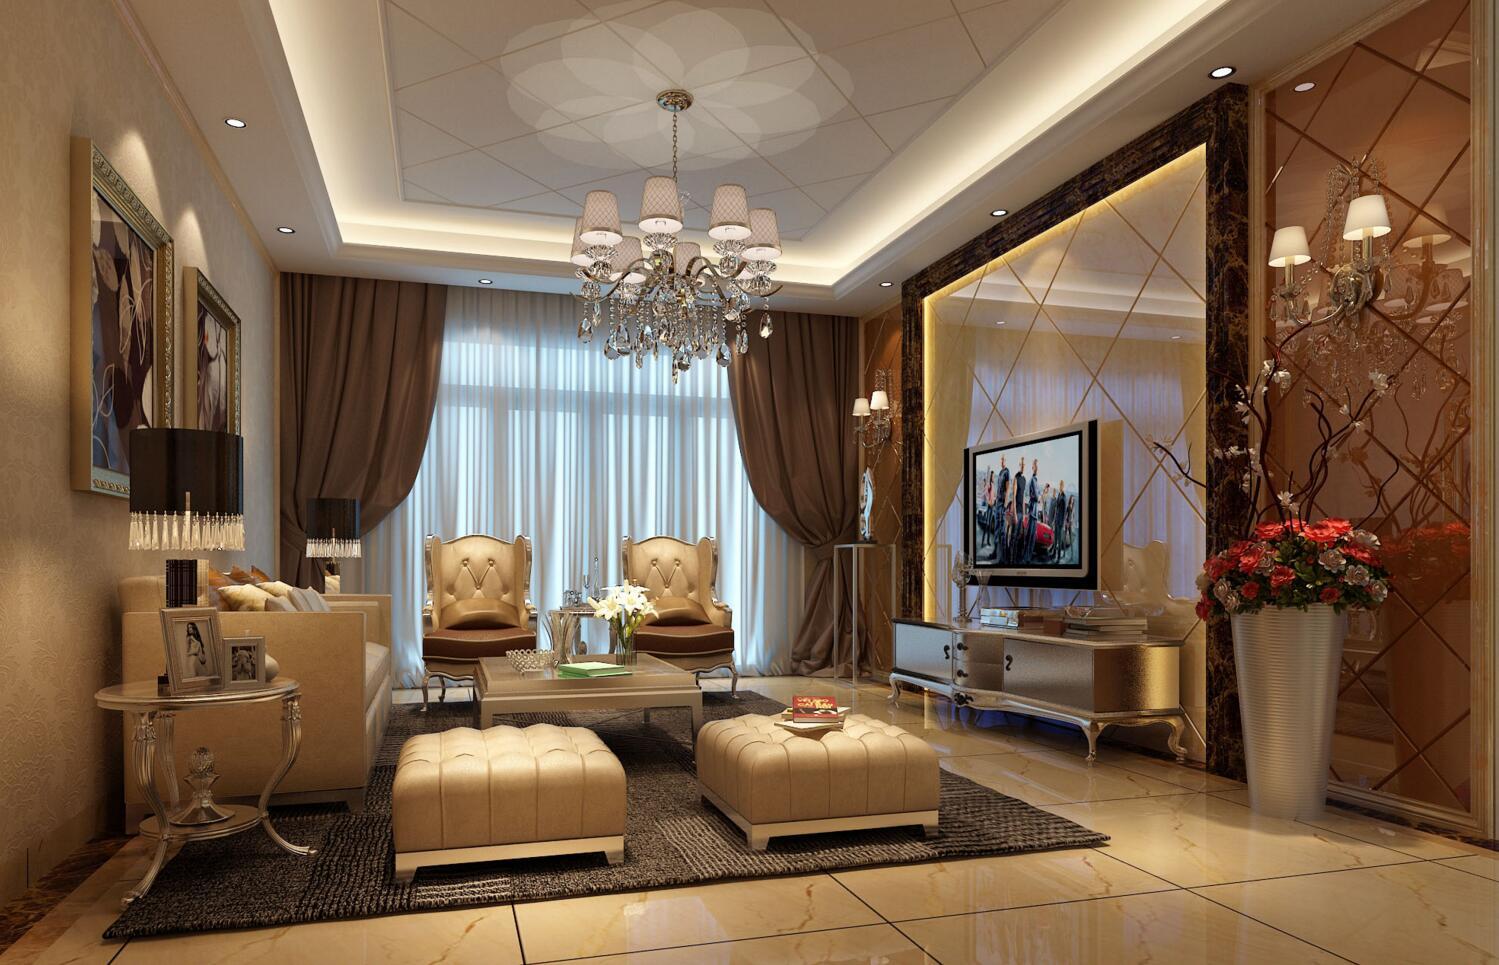 远洋城荣域116平米三居室装修效果图_陈东冲设计作品